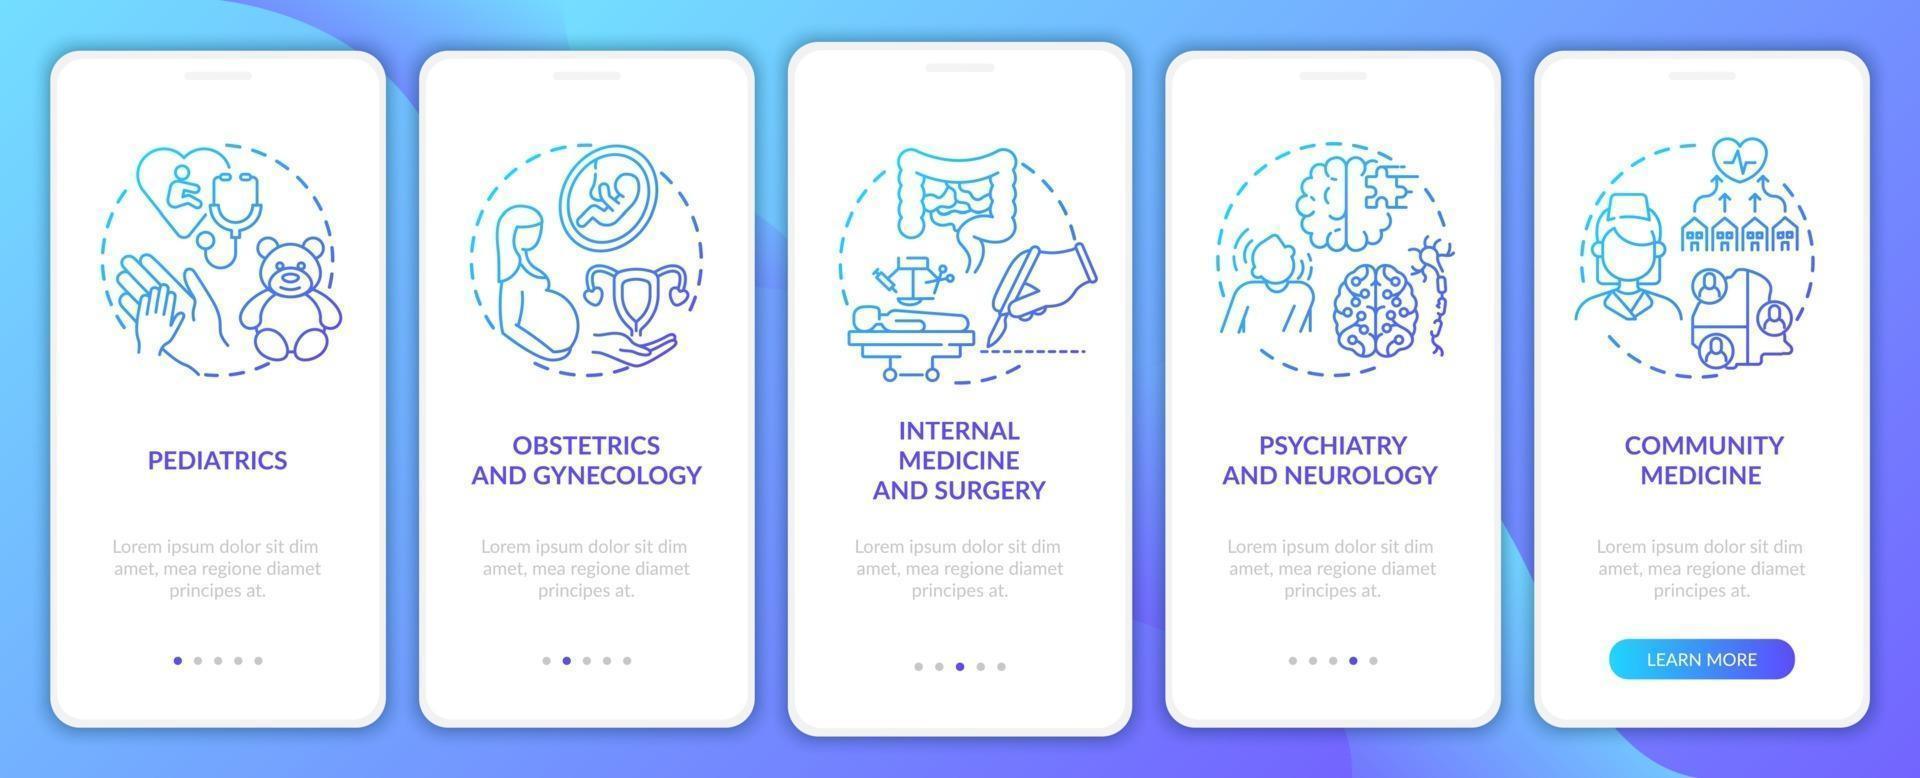 onderdelen van de huisartsgeneeskunde marine onboarding mobiel app-paginascherm met concepten vector